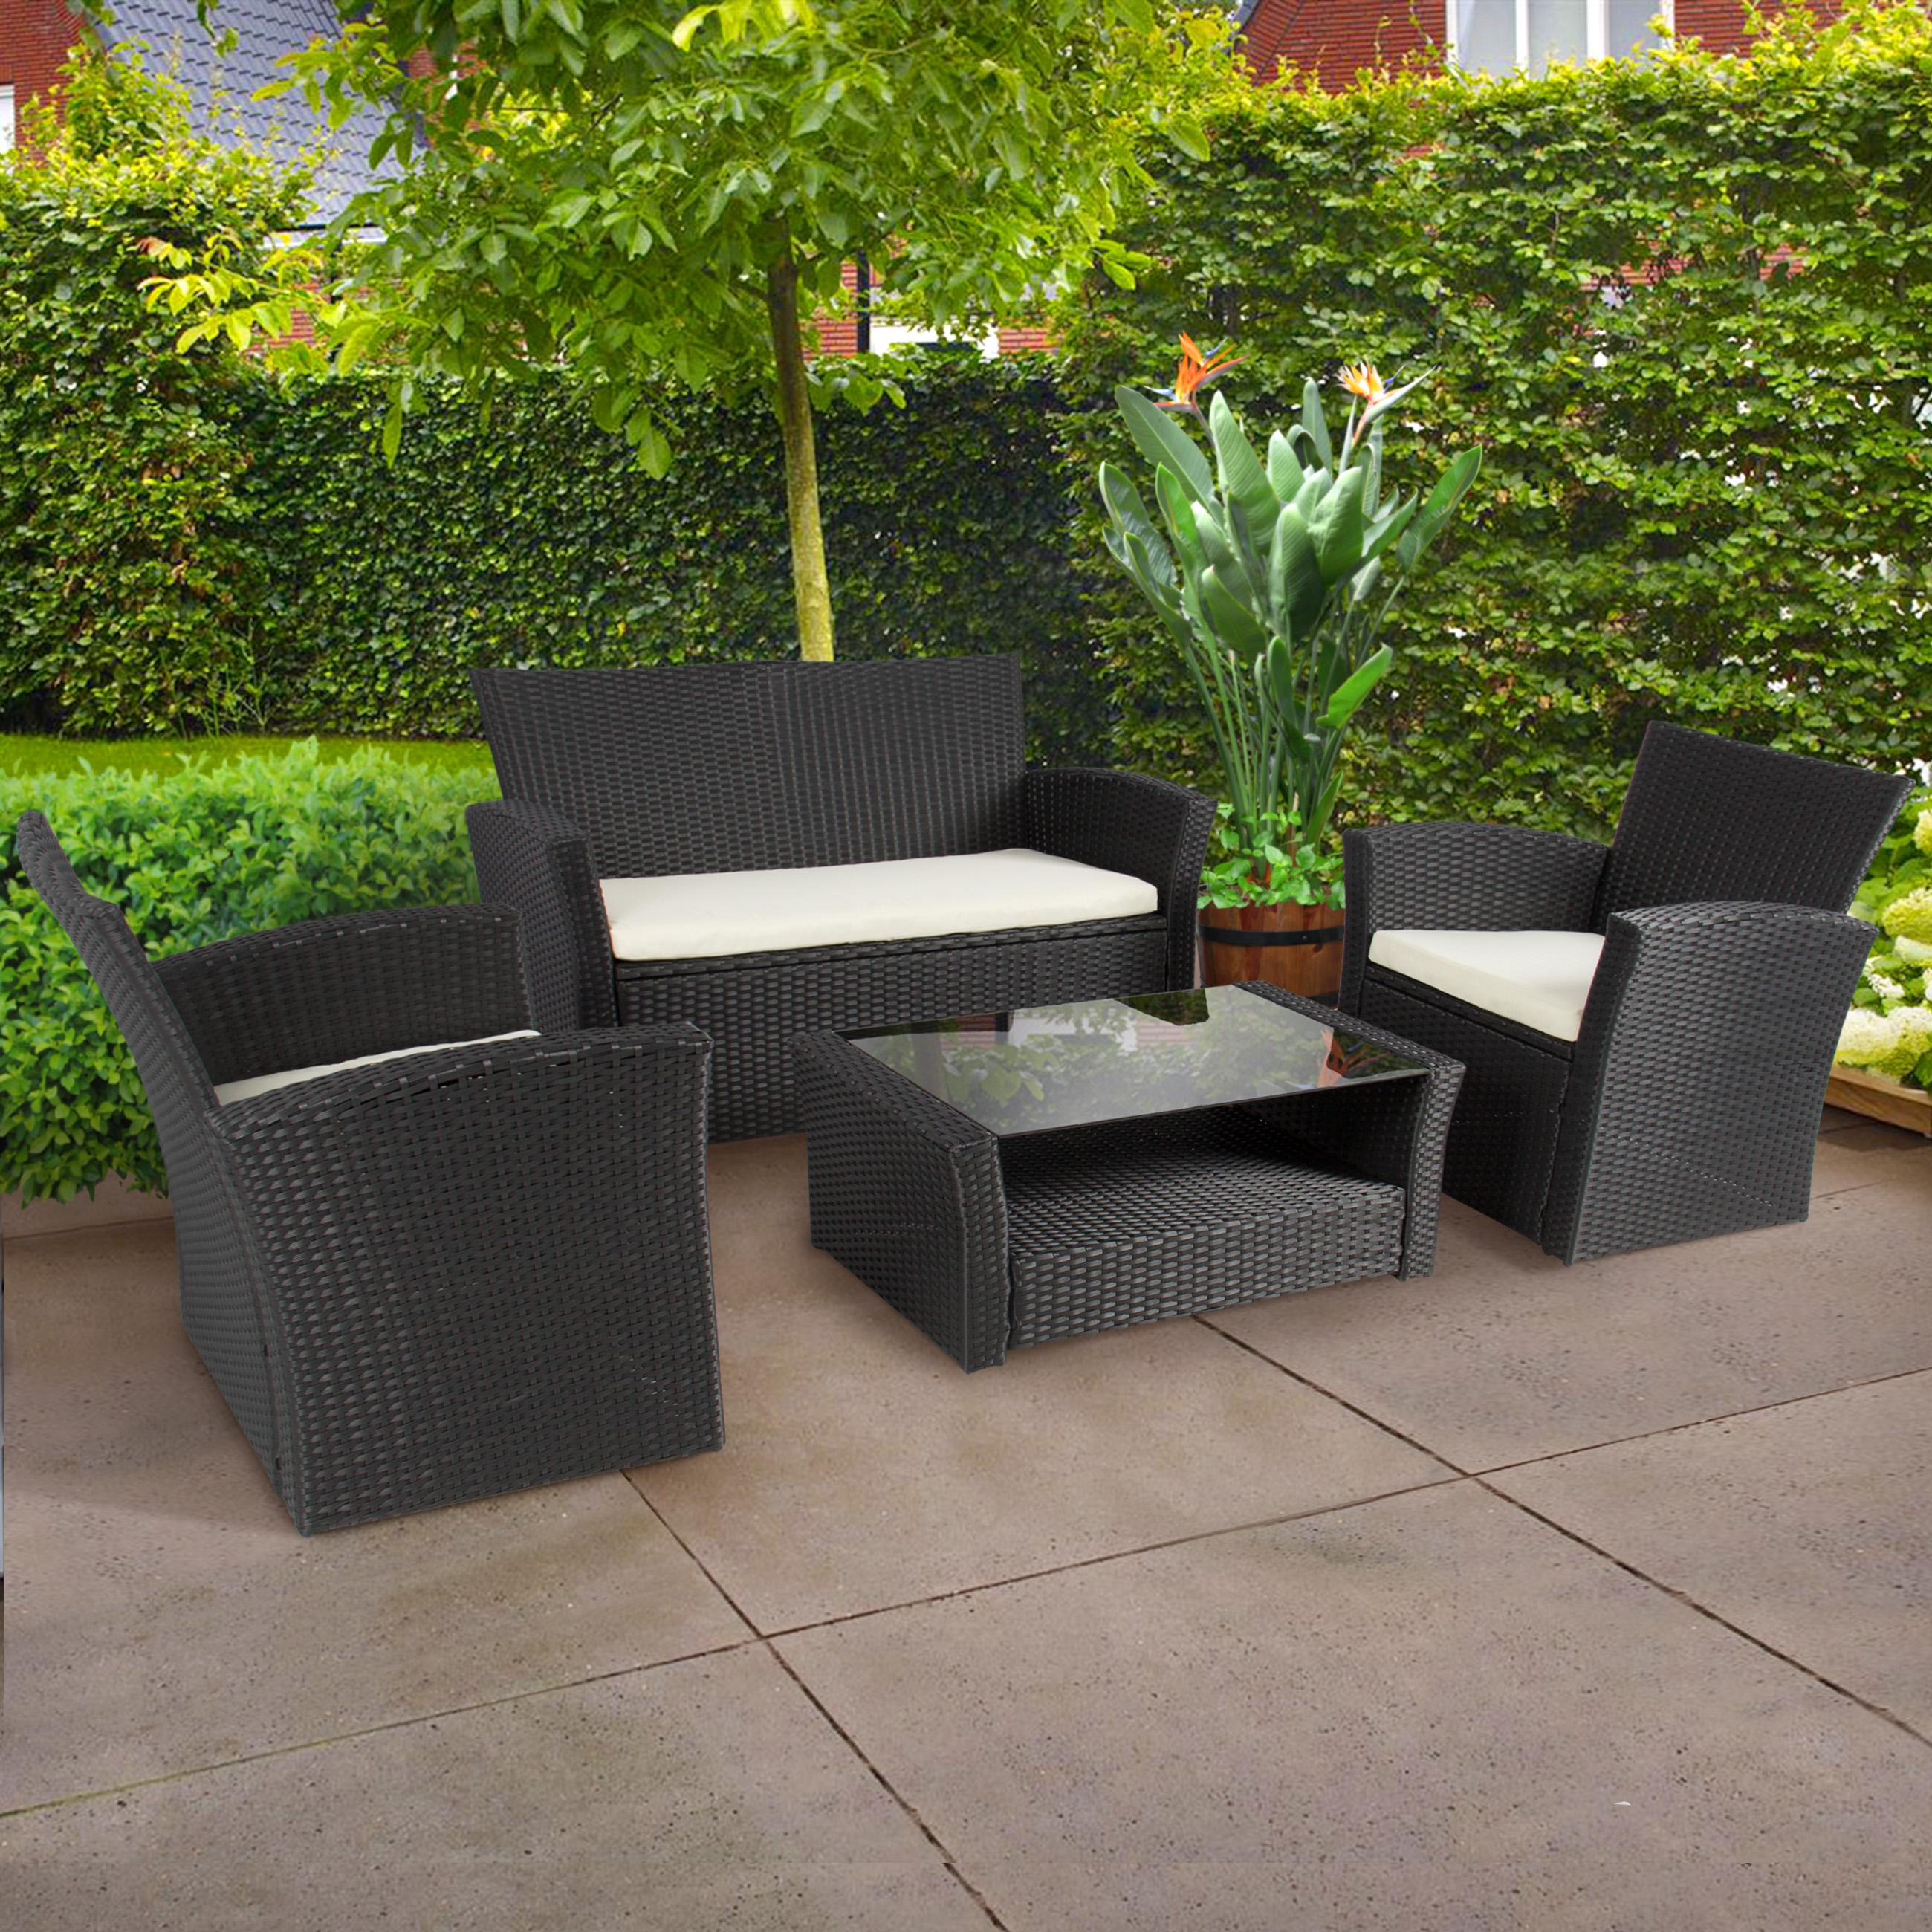 garden sofa set  97